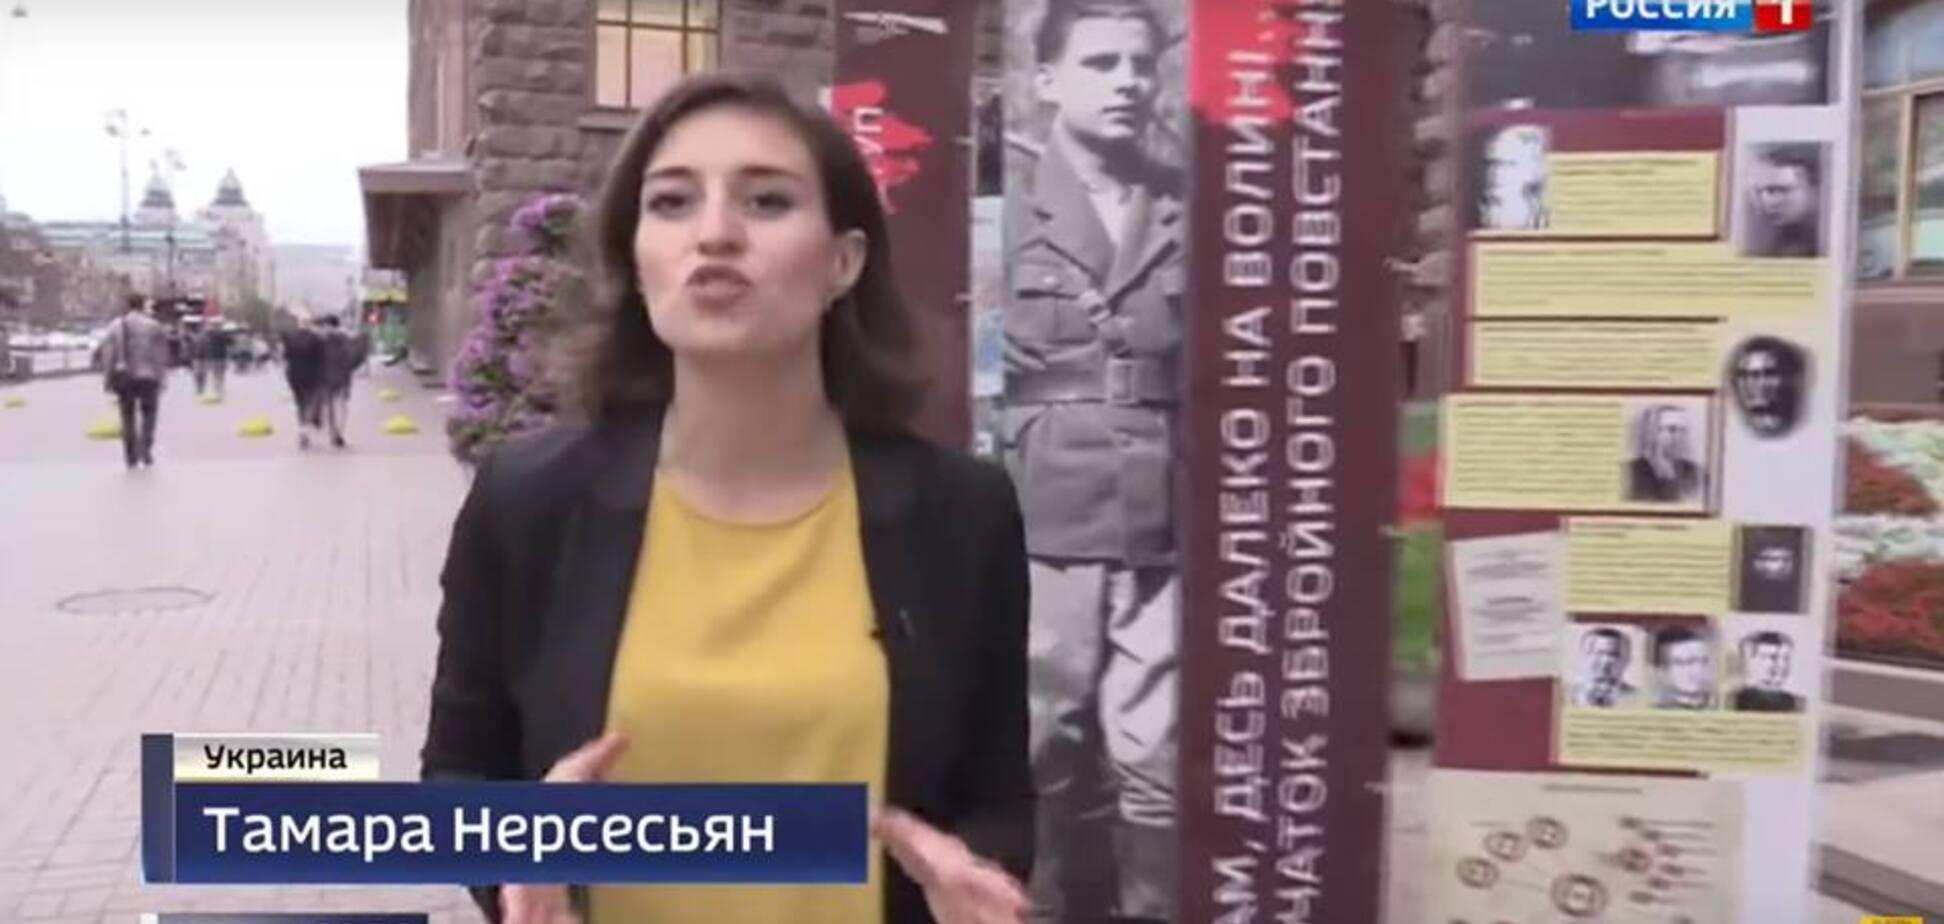 'Одна з найпекельніших свиней фабрики брехні': пропагандистка Кремля в Києві розгнівала мережу